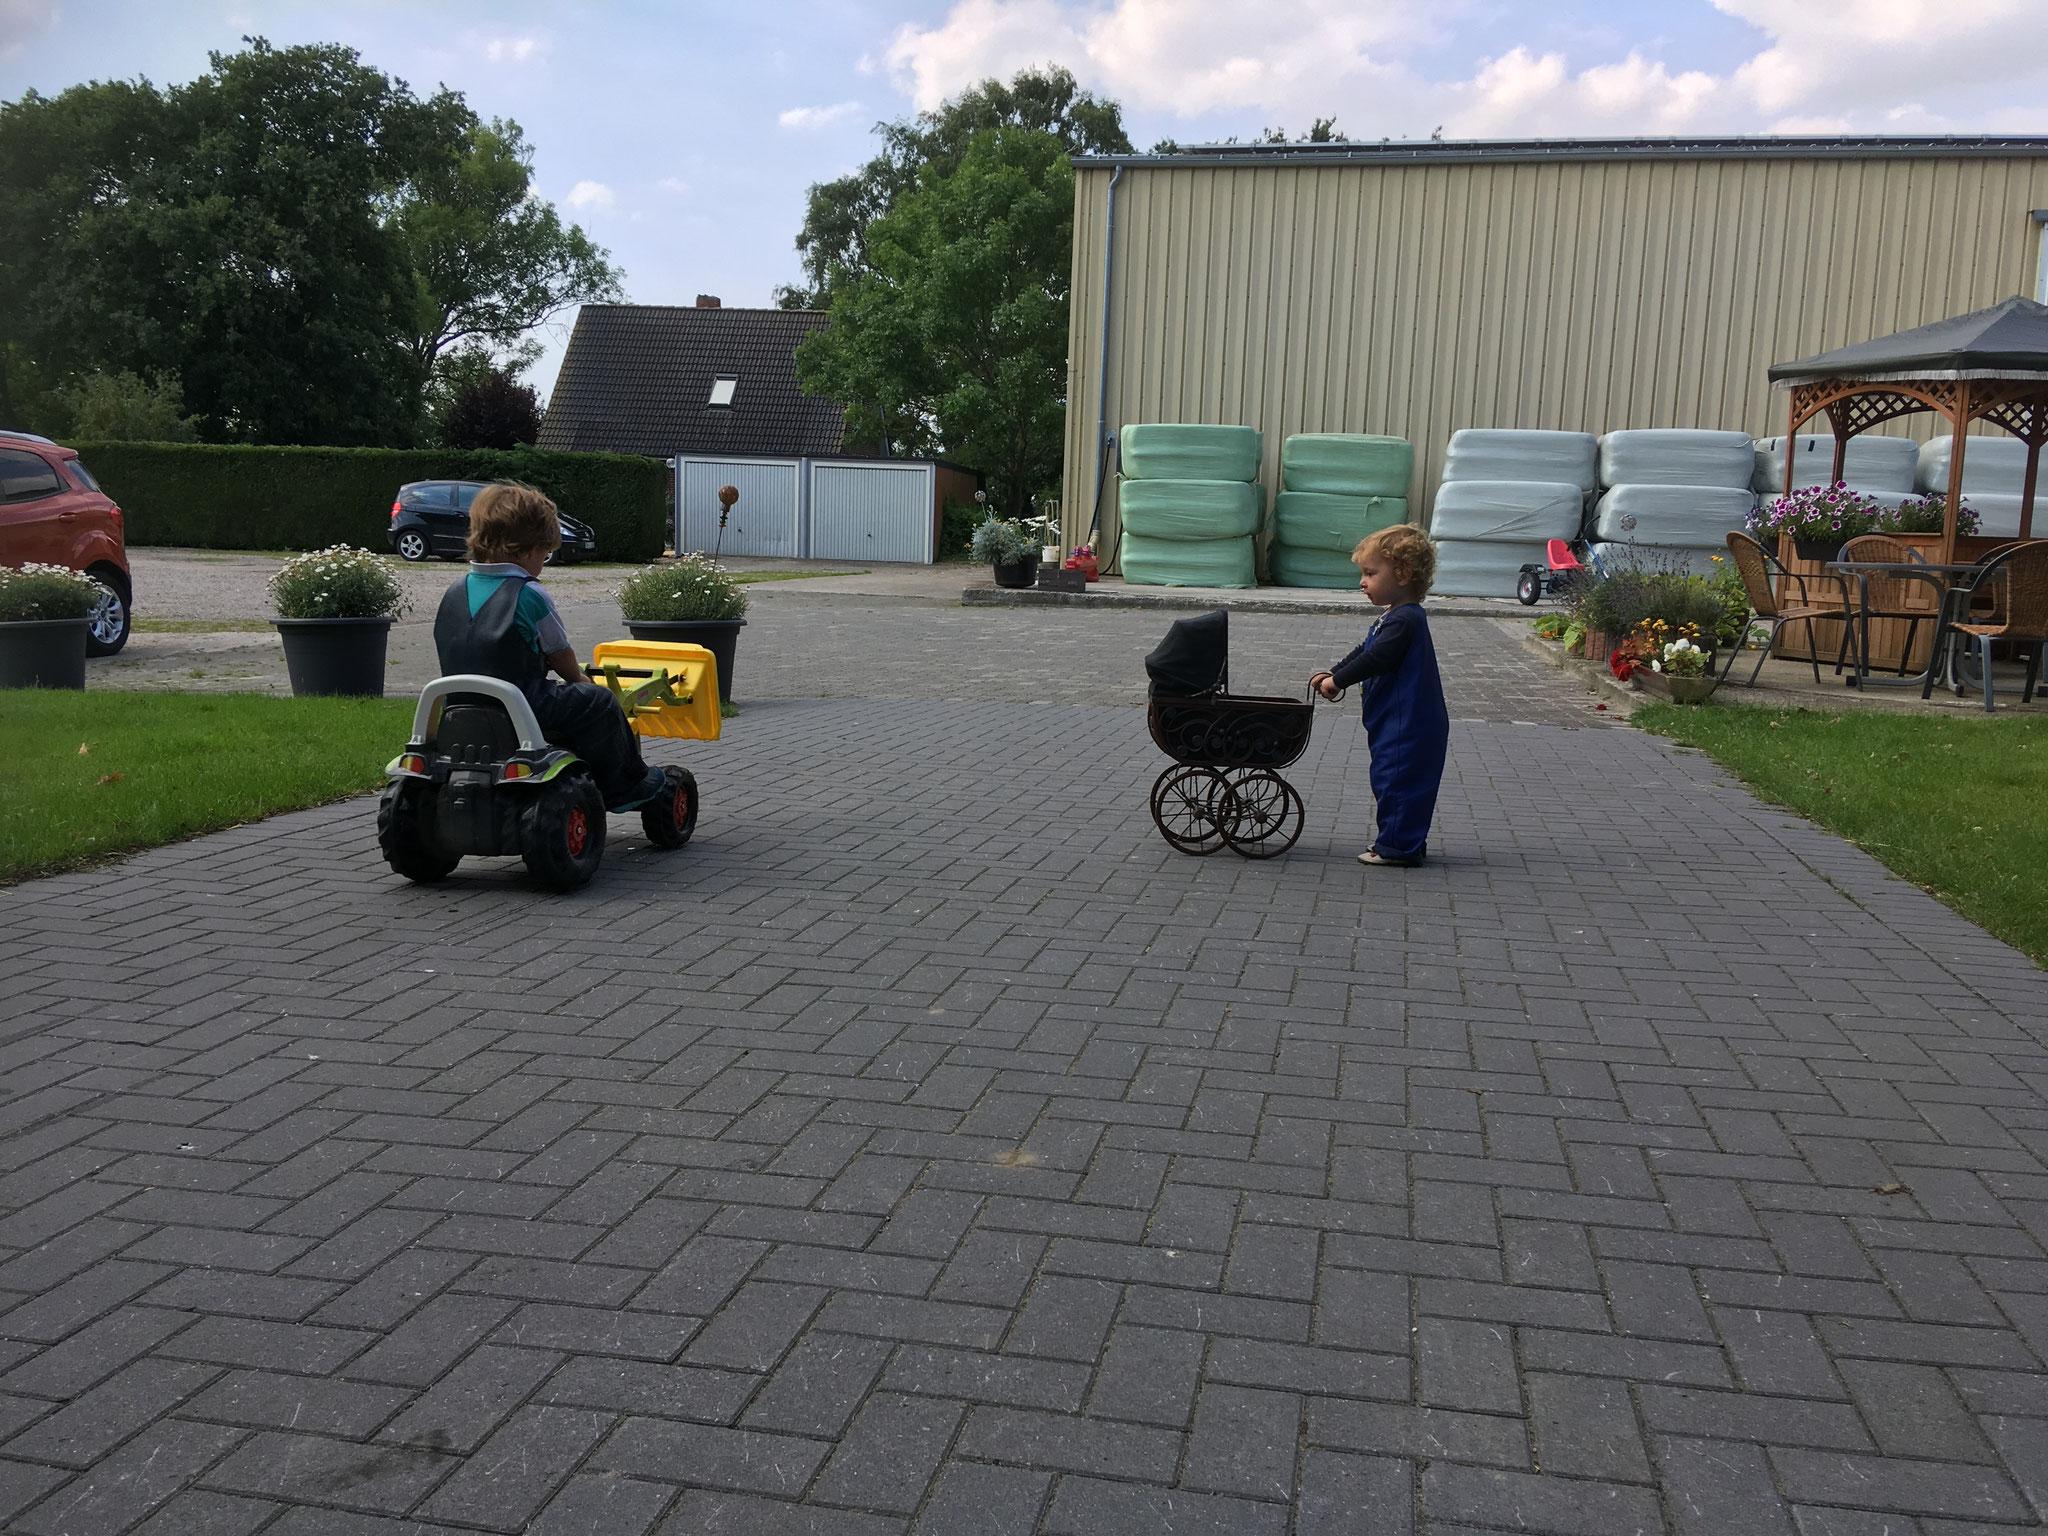 Die Auffahrt eignet sich hervorragend für Trettrecker und auch Kinderwagen lassen sich hier leicht schieben..